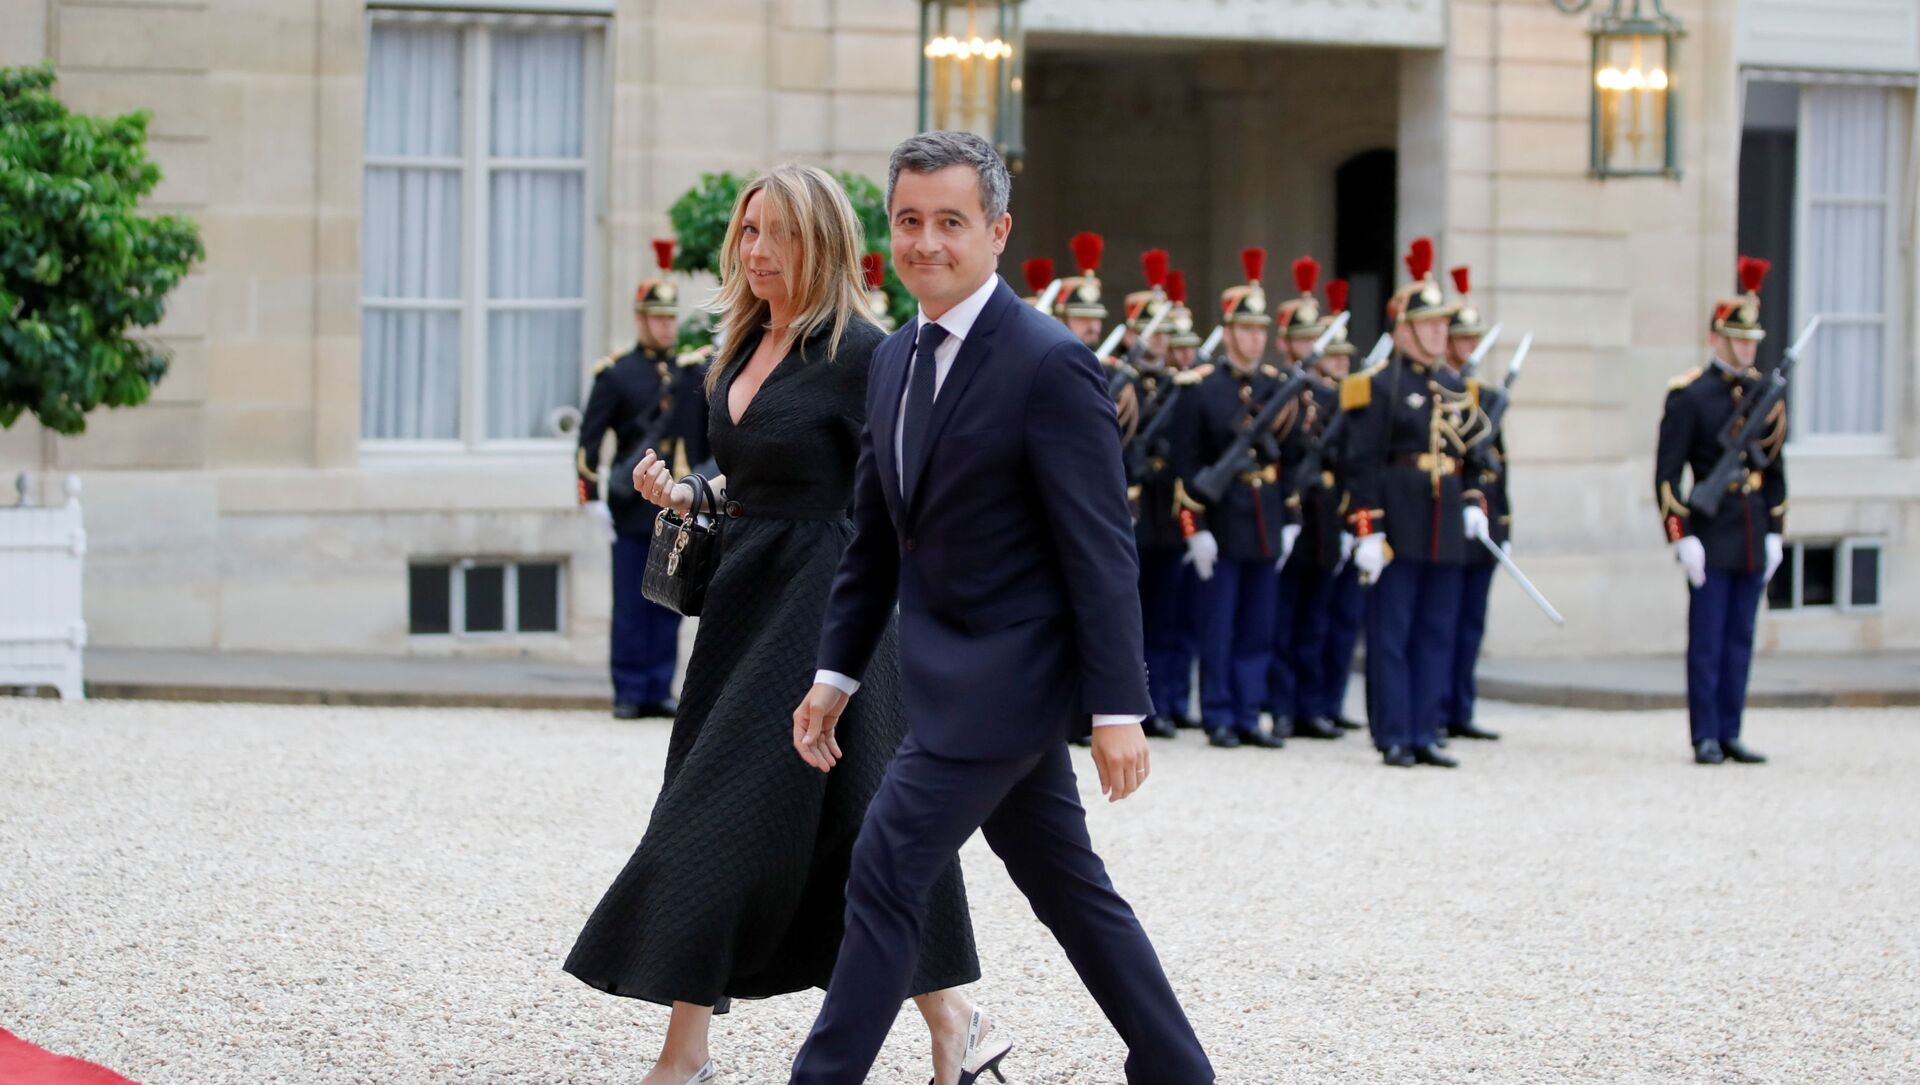 Fransa İçişleri Bakanı Gerald Darmanin ile eşi, Elysee Sarayı'na girerken - Sputnik Türkiye, 1920, 02.08.2021